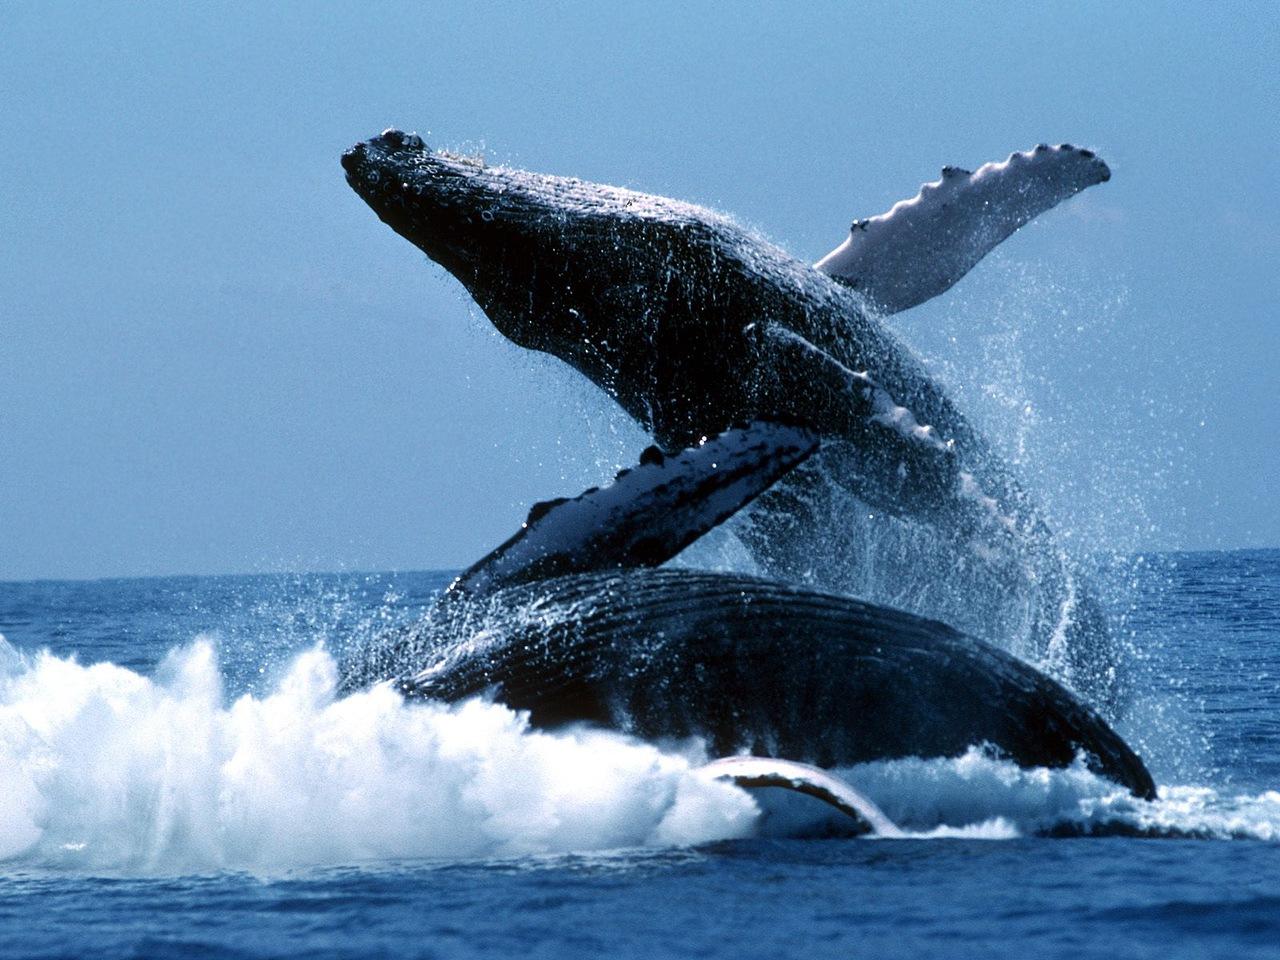 голубой кит что это за игра